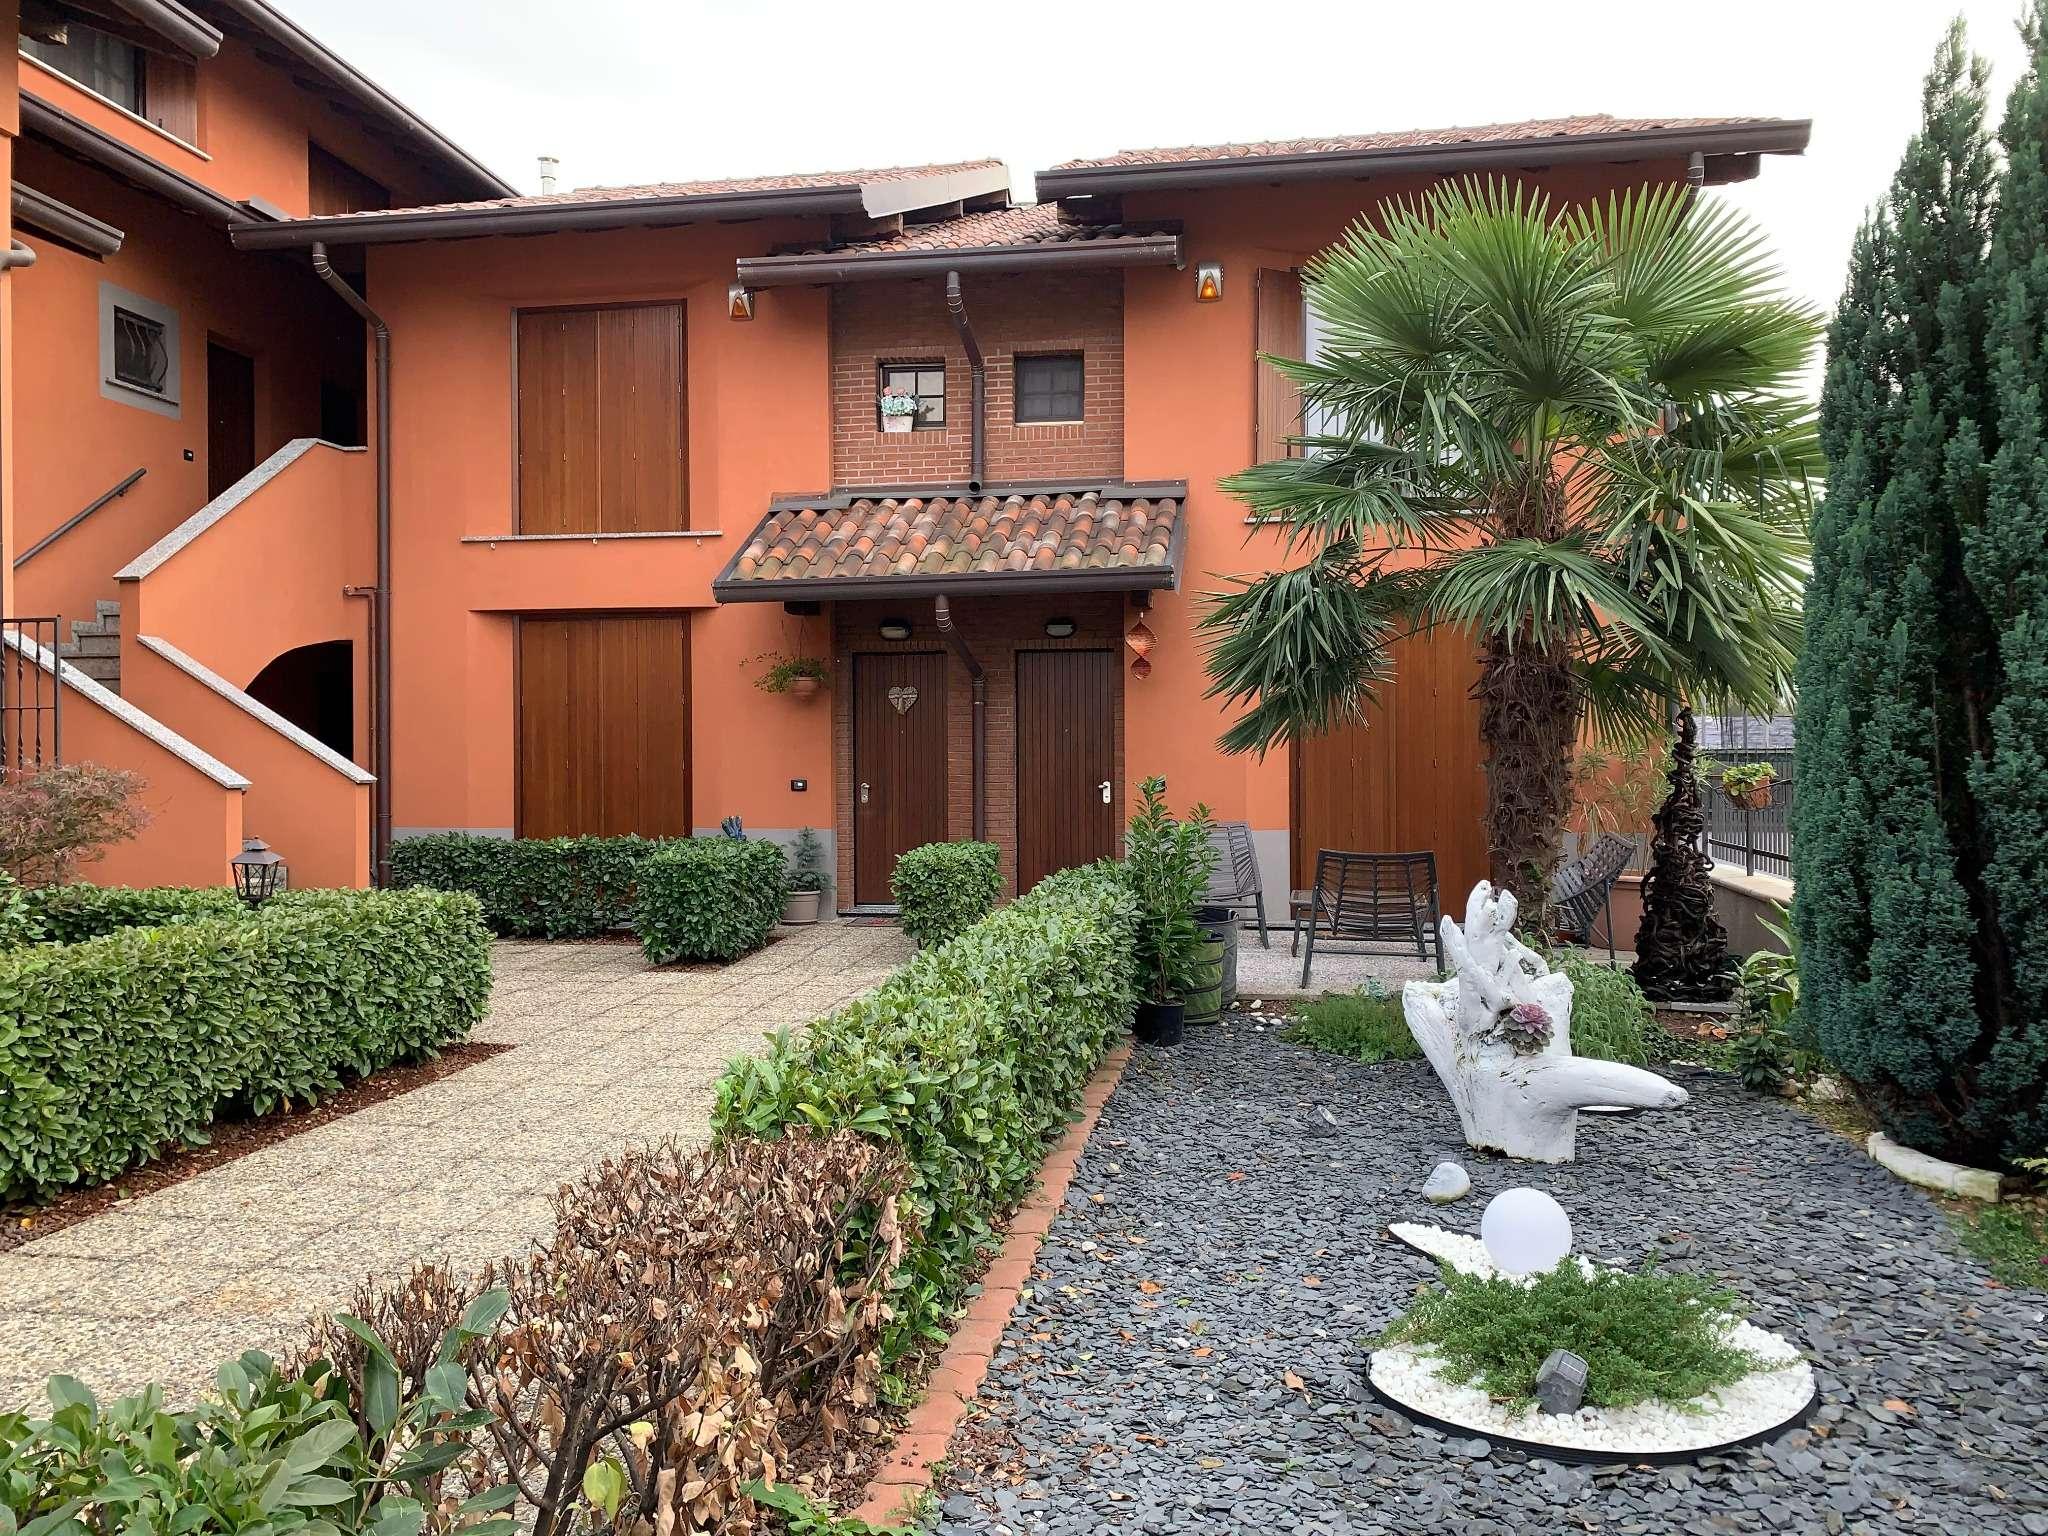 Appartamento in vendita a Caronno Pertusella, 1 locali, prezzo € 110.000 | PortaleAgenzieImmobiliari.it